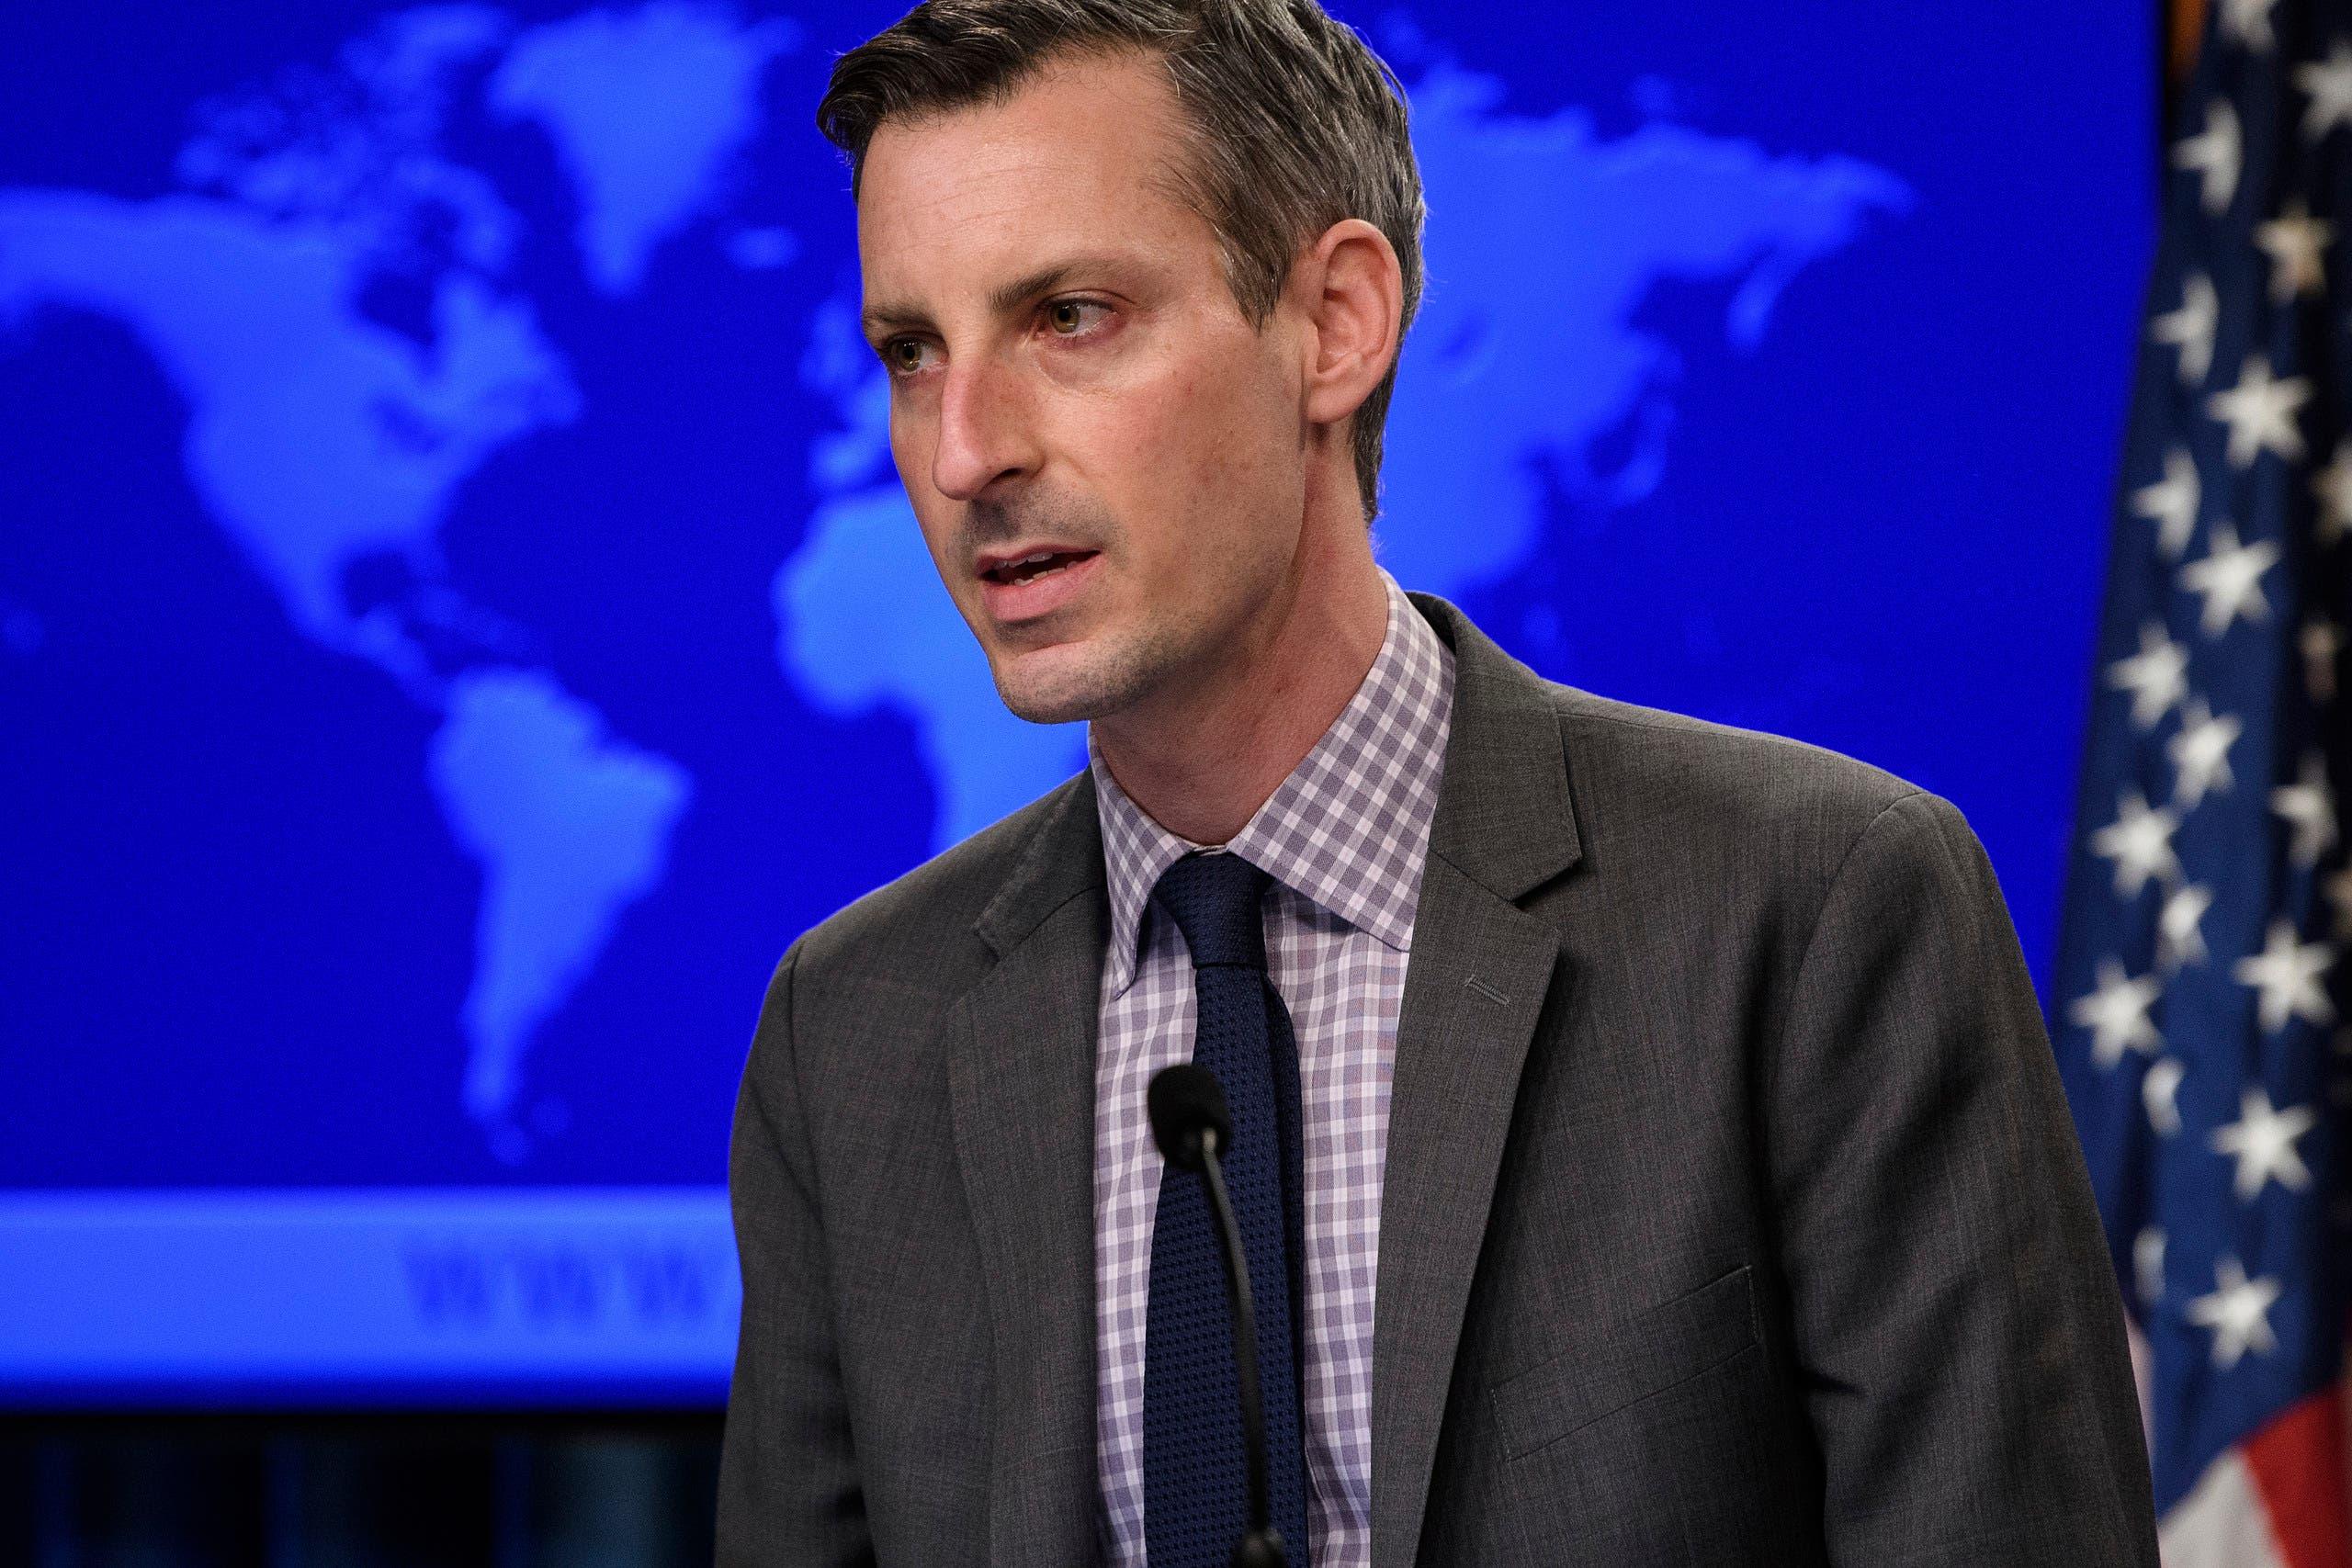 المتحدث باسم الخارجية الأميركية نيد برايس (أرشيفية- أسوشييتد برس)